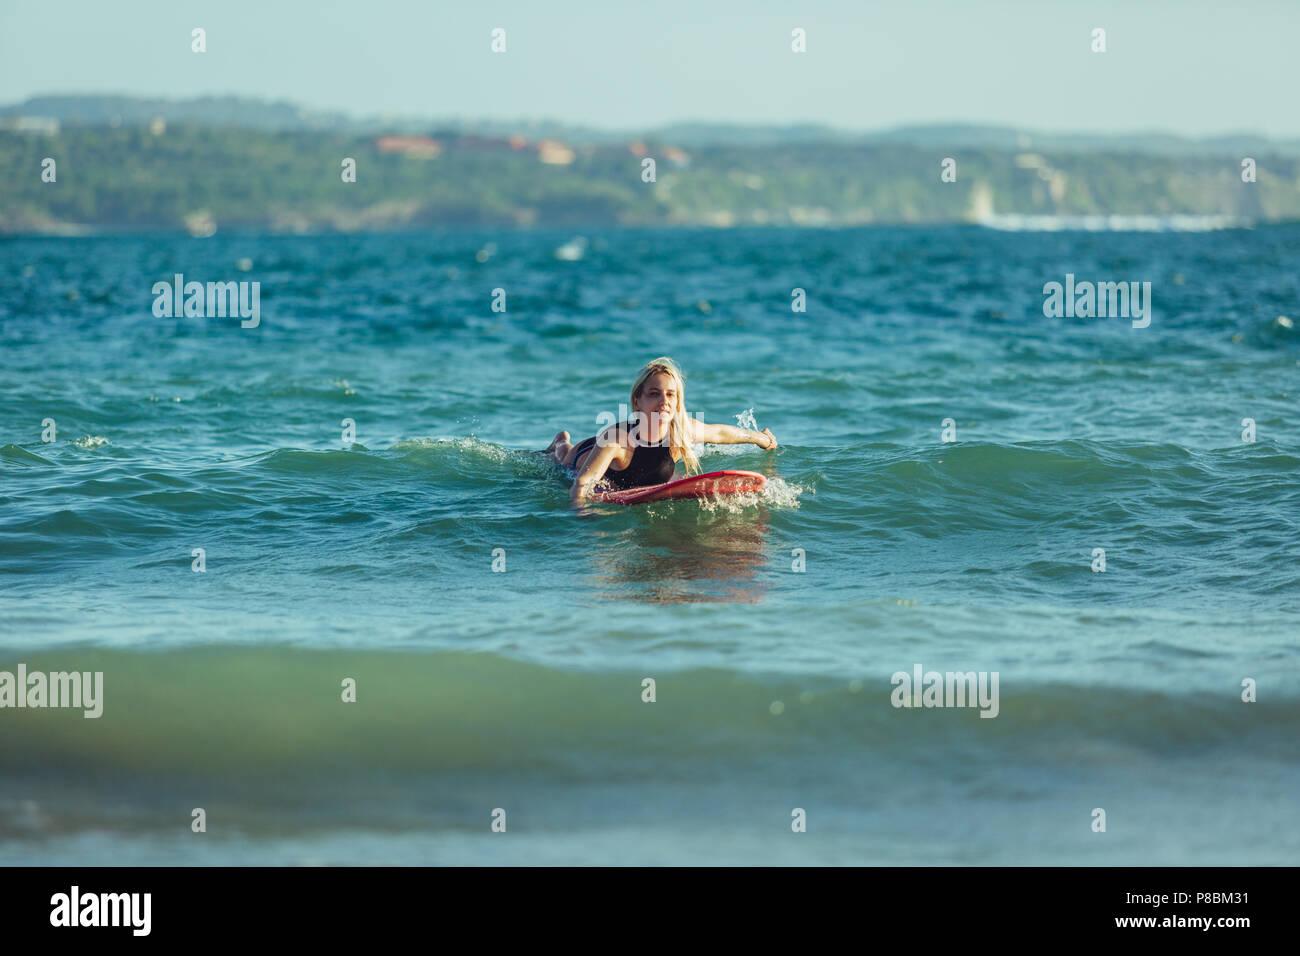 Belle piscine sportive sur une planche de surf dans l'eau Photo Stock